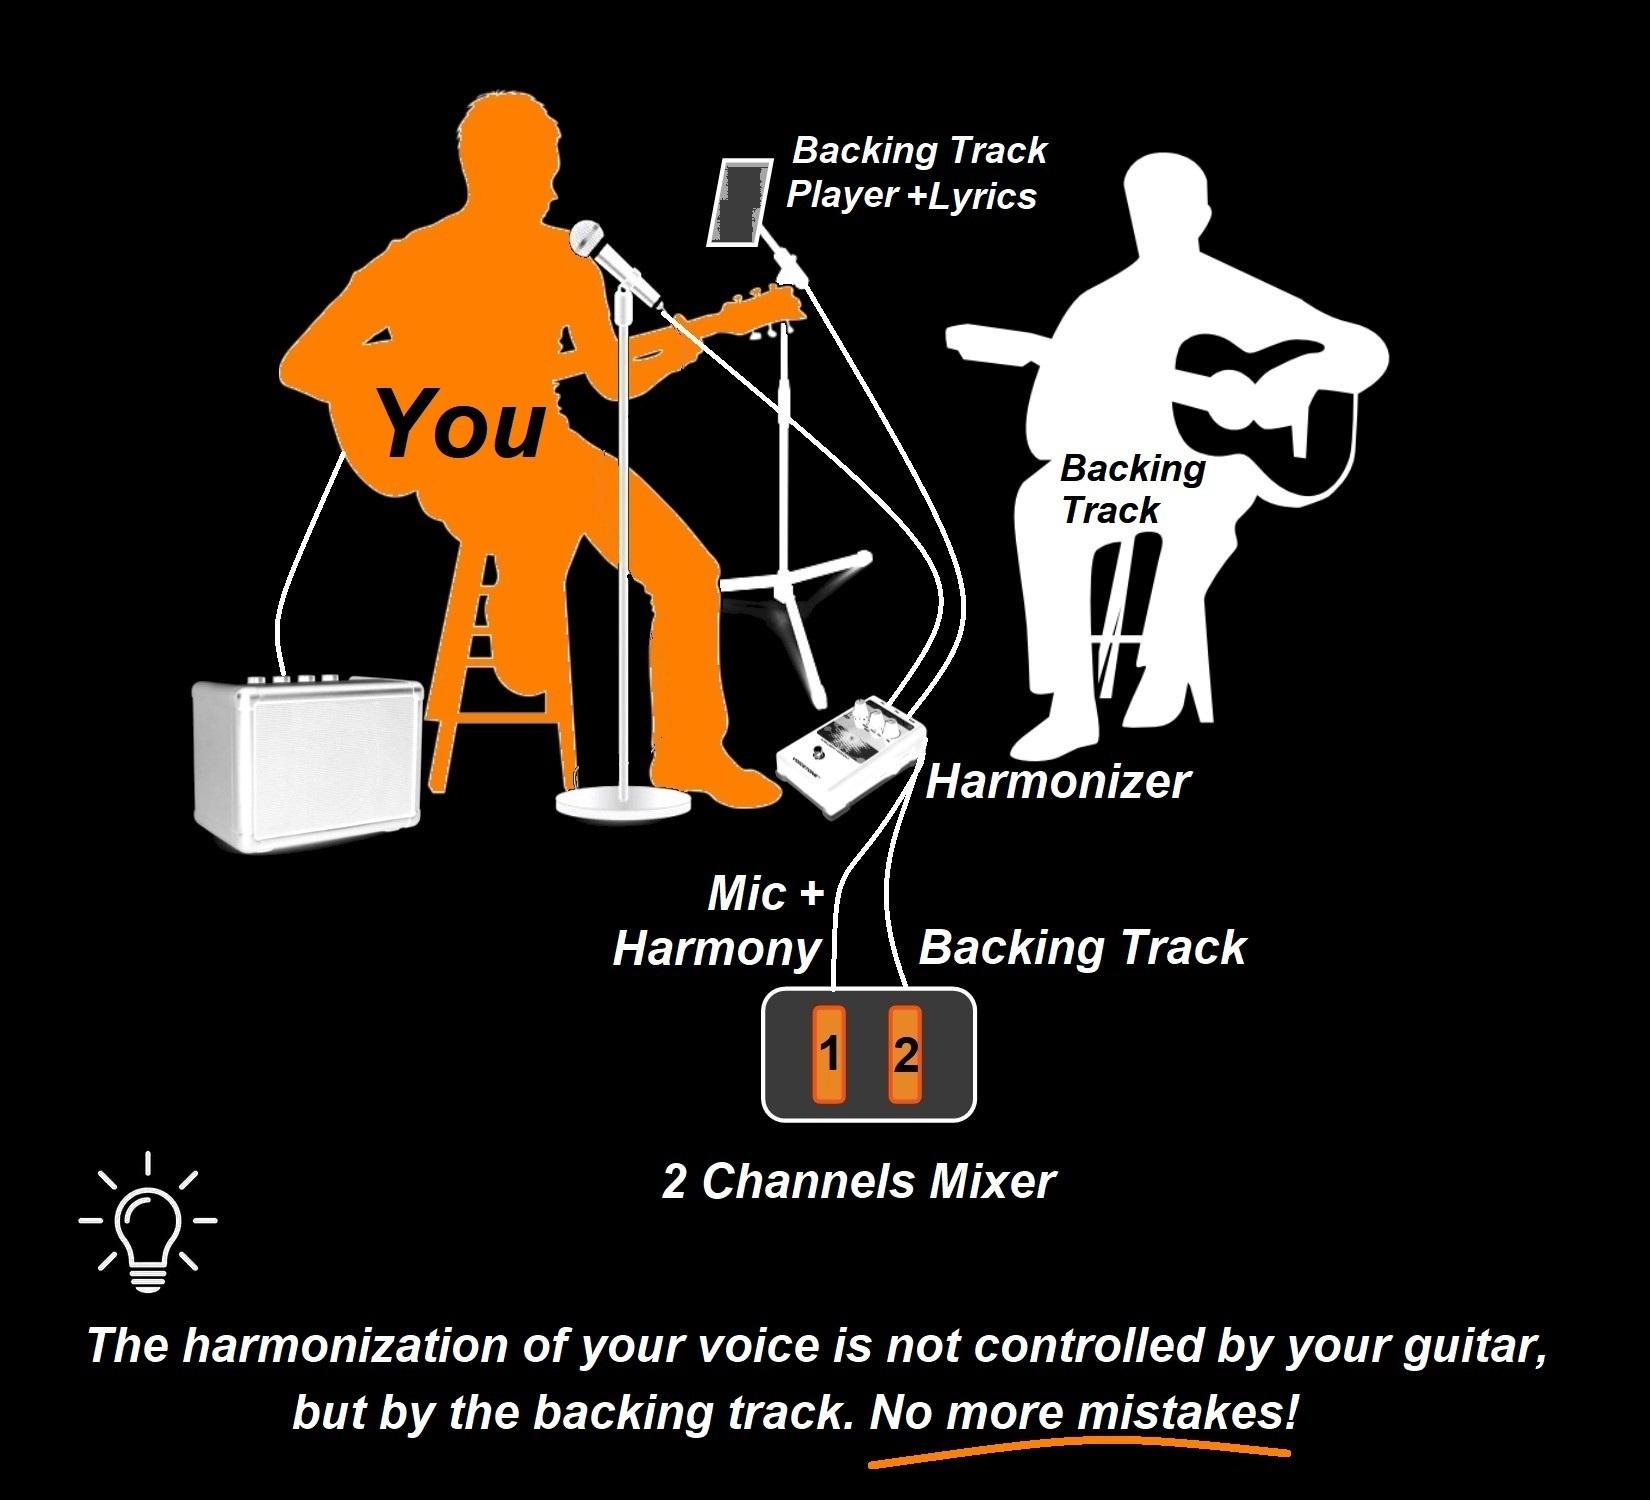 Backing Track with Harmonizer